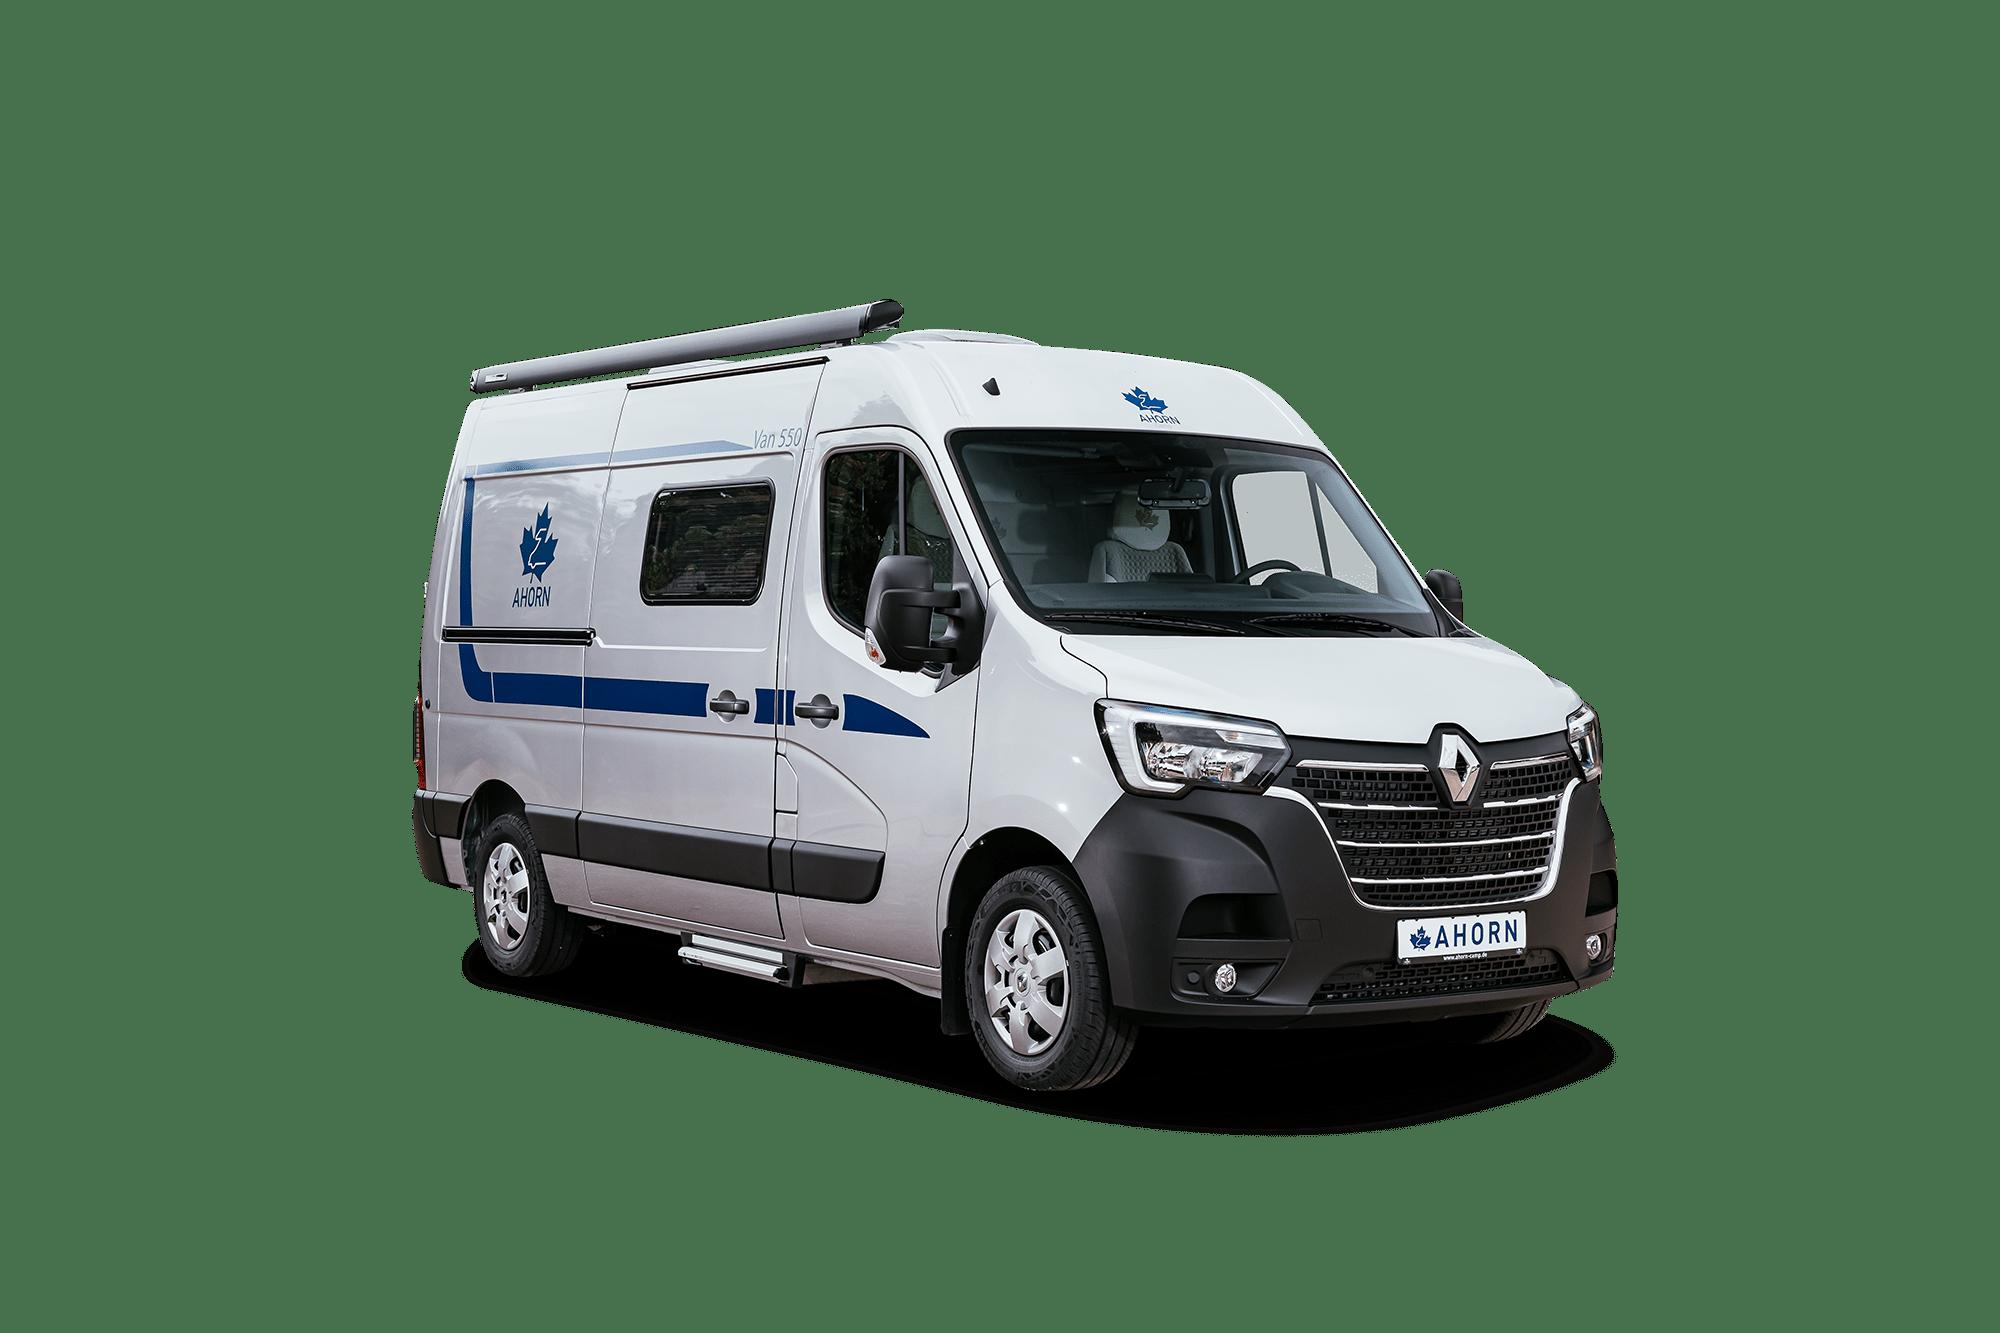 Ahorn Van 550 Kastenwagen